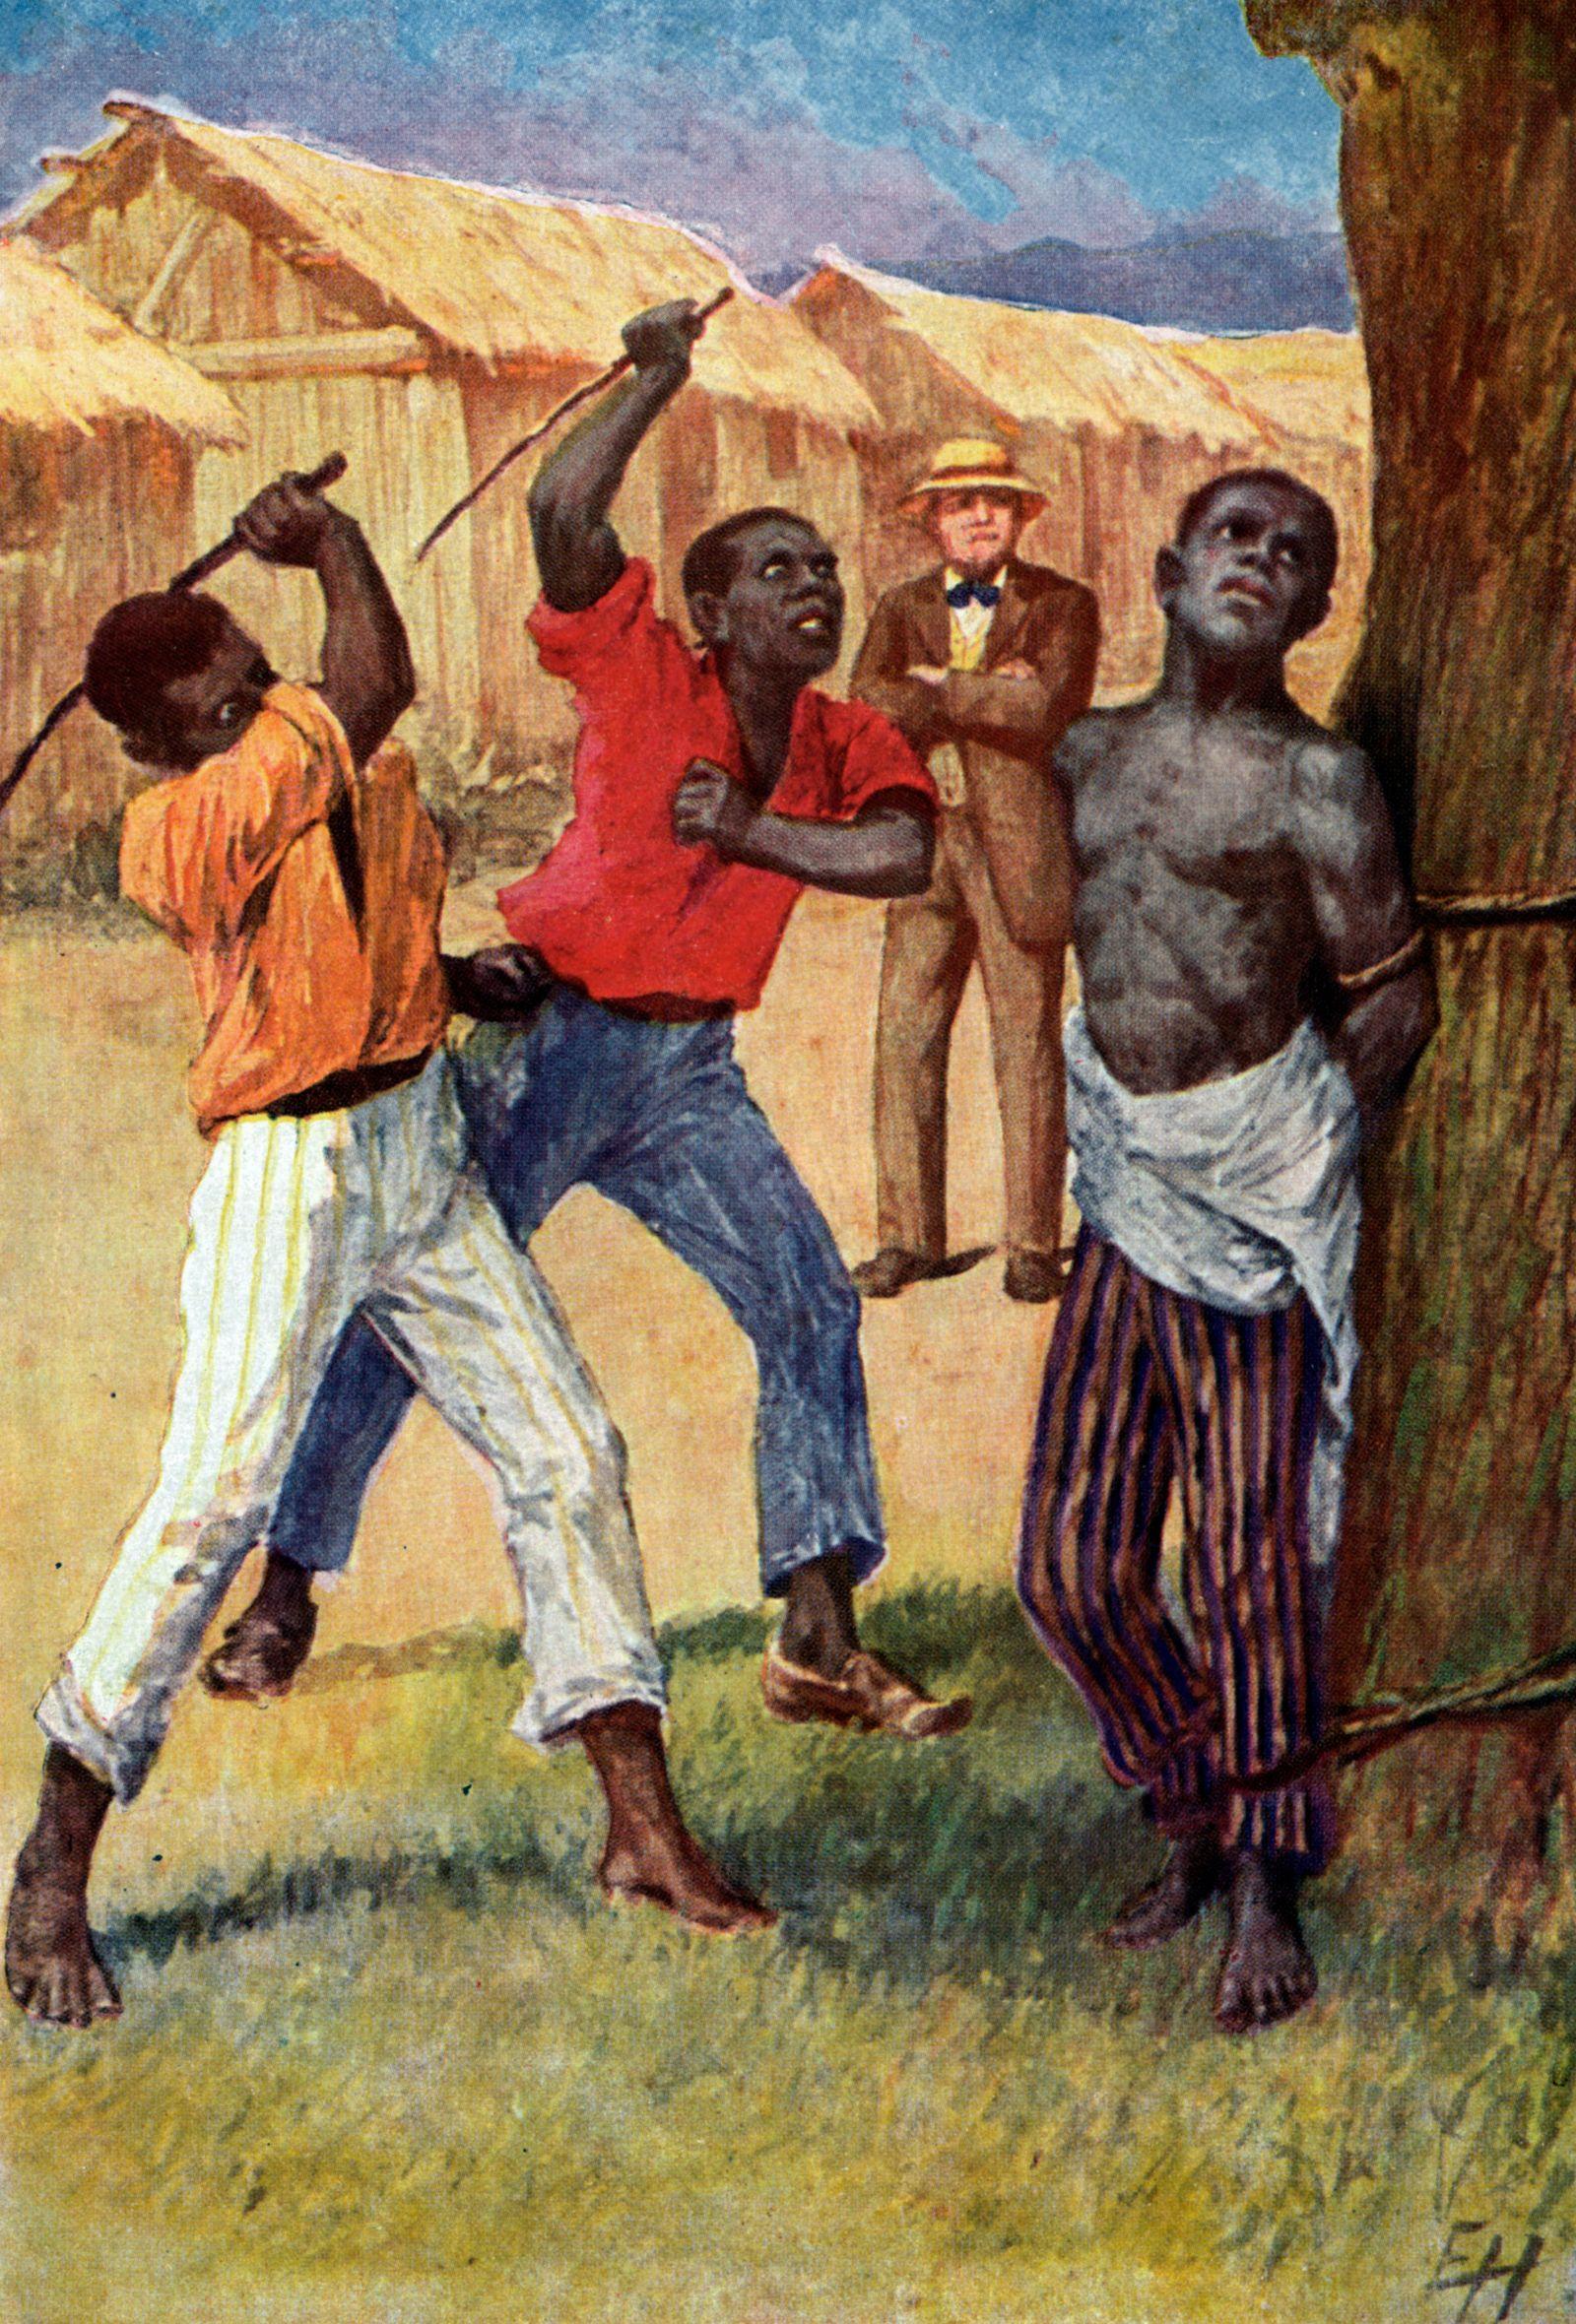 BEECHER-STOWE Oeuvre La Case de l Oncle TOM: 2 esclaves qui bastonnent un troisieme attache a un arbre, le maitre regard